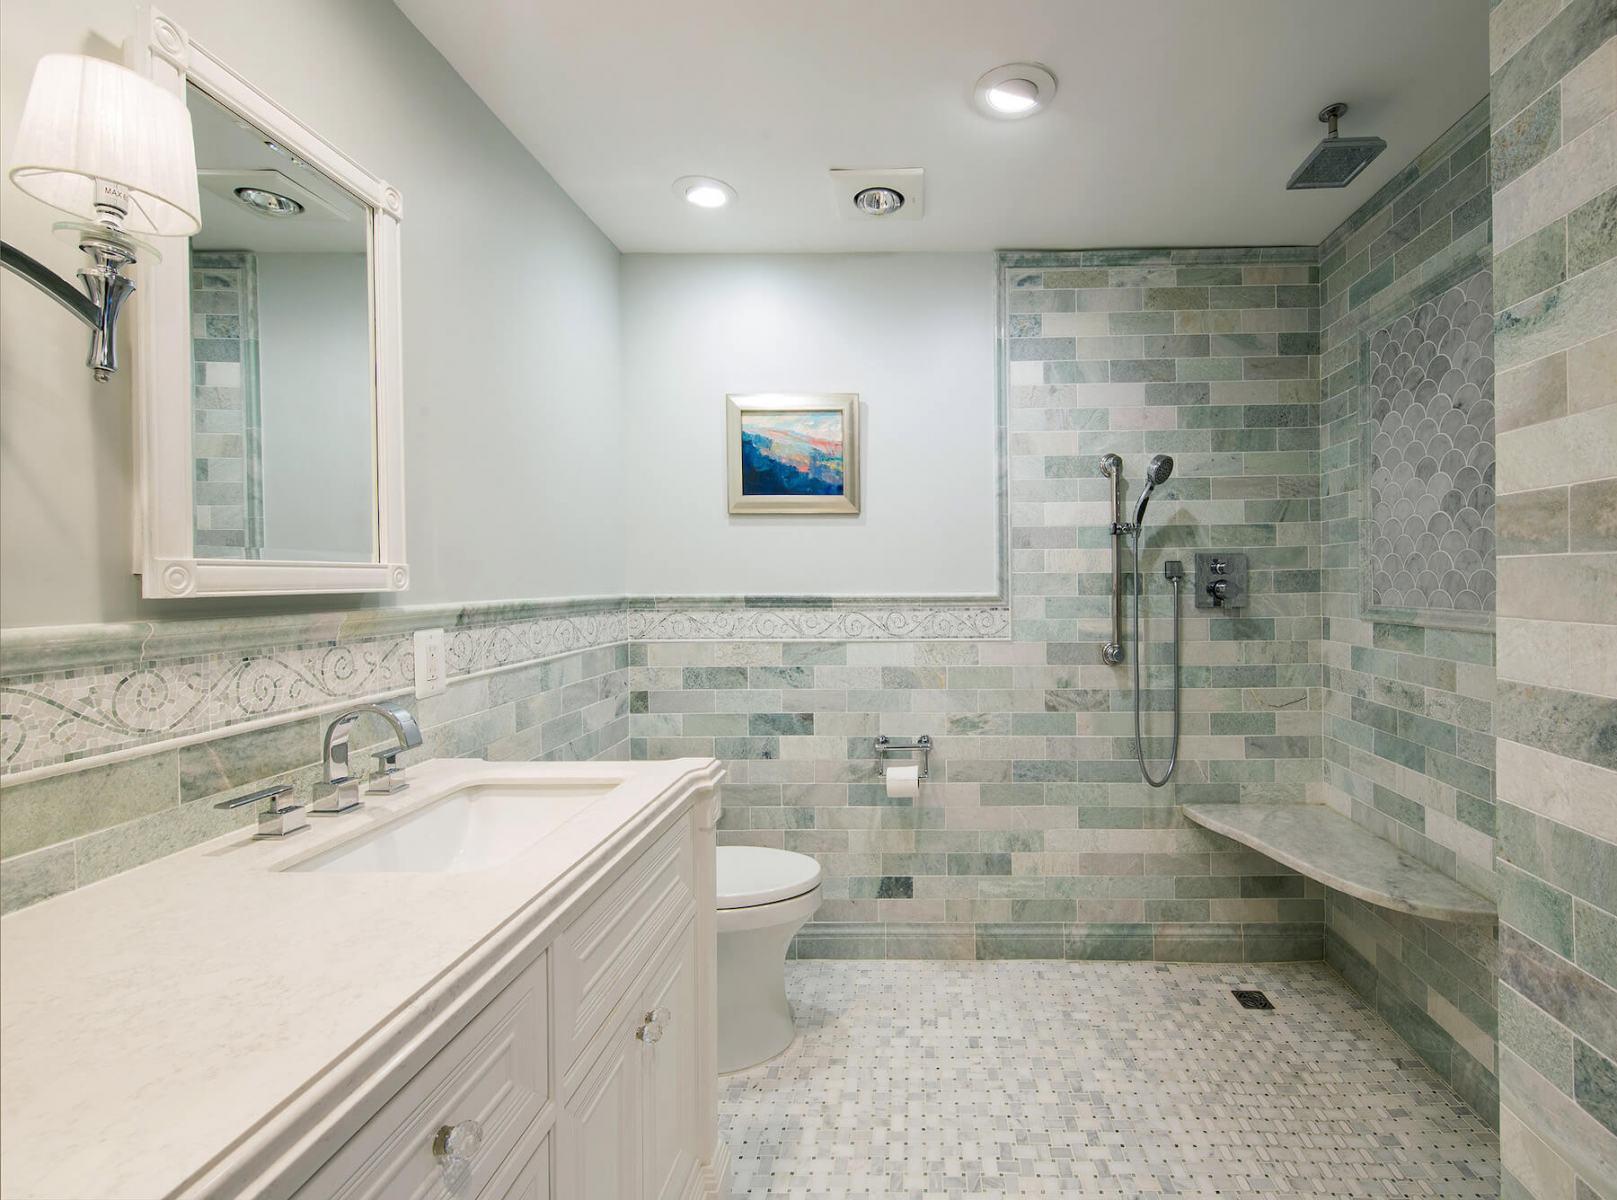 Bathroom_7-26-18_947